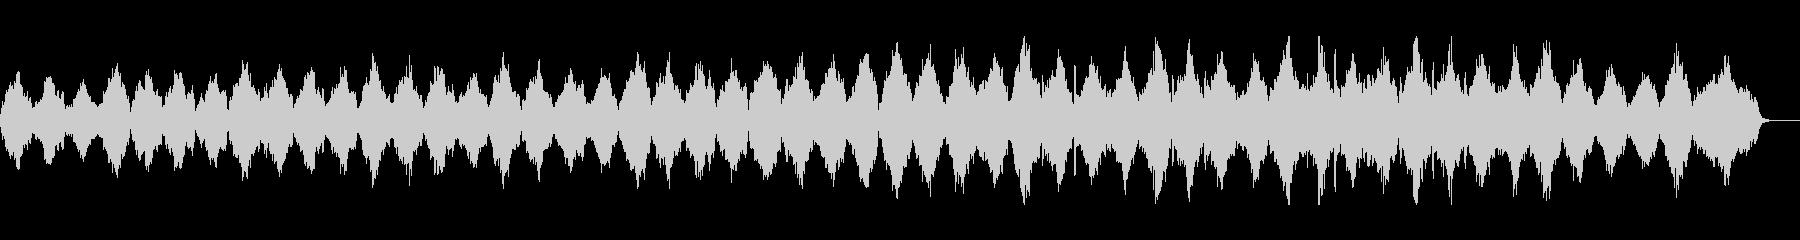 ホルン等を使用したミニマルなアンビエントの未再生の波形